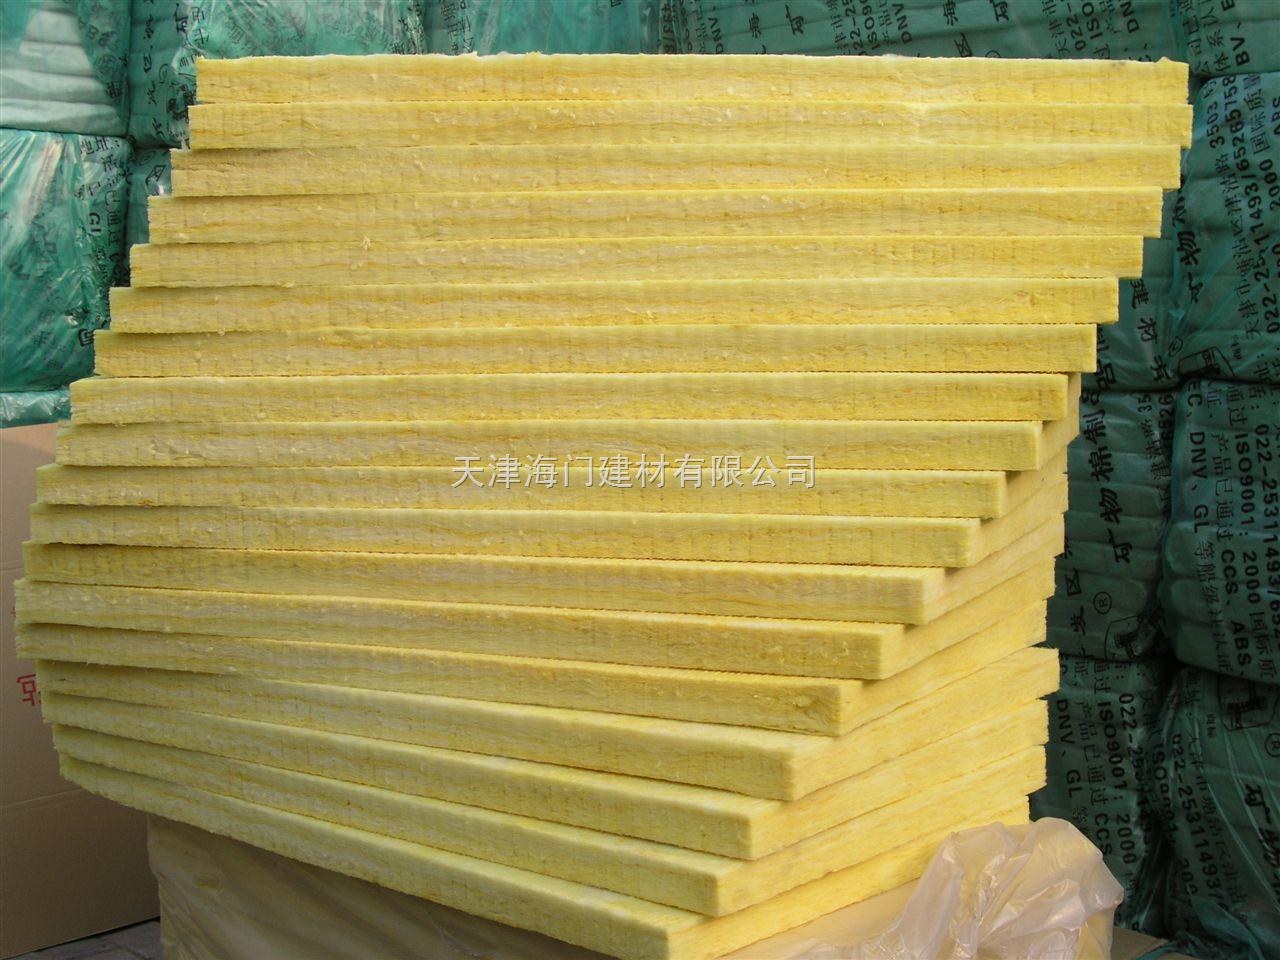 天津玻璃棉板,离心玻璃棉,玻璃棉价格